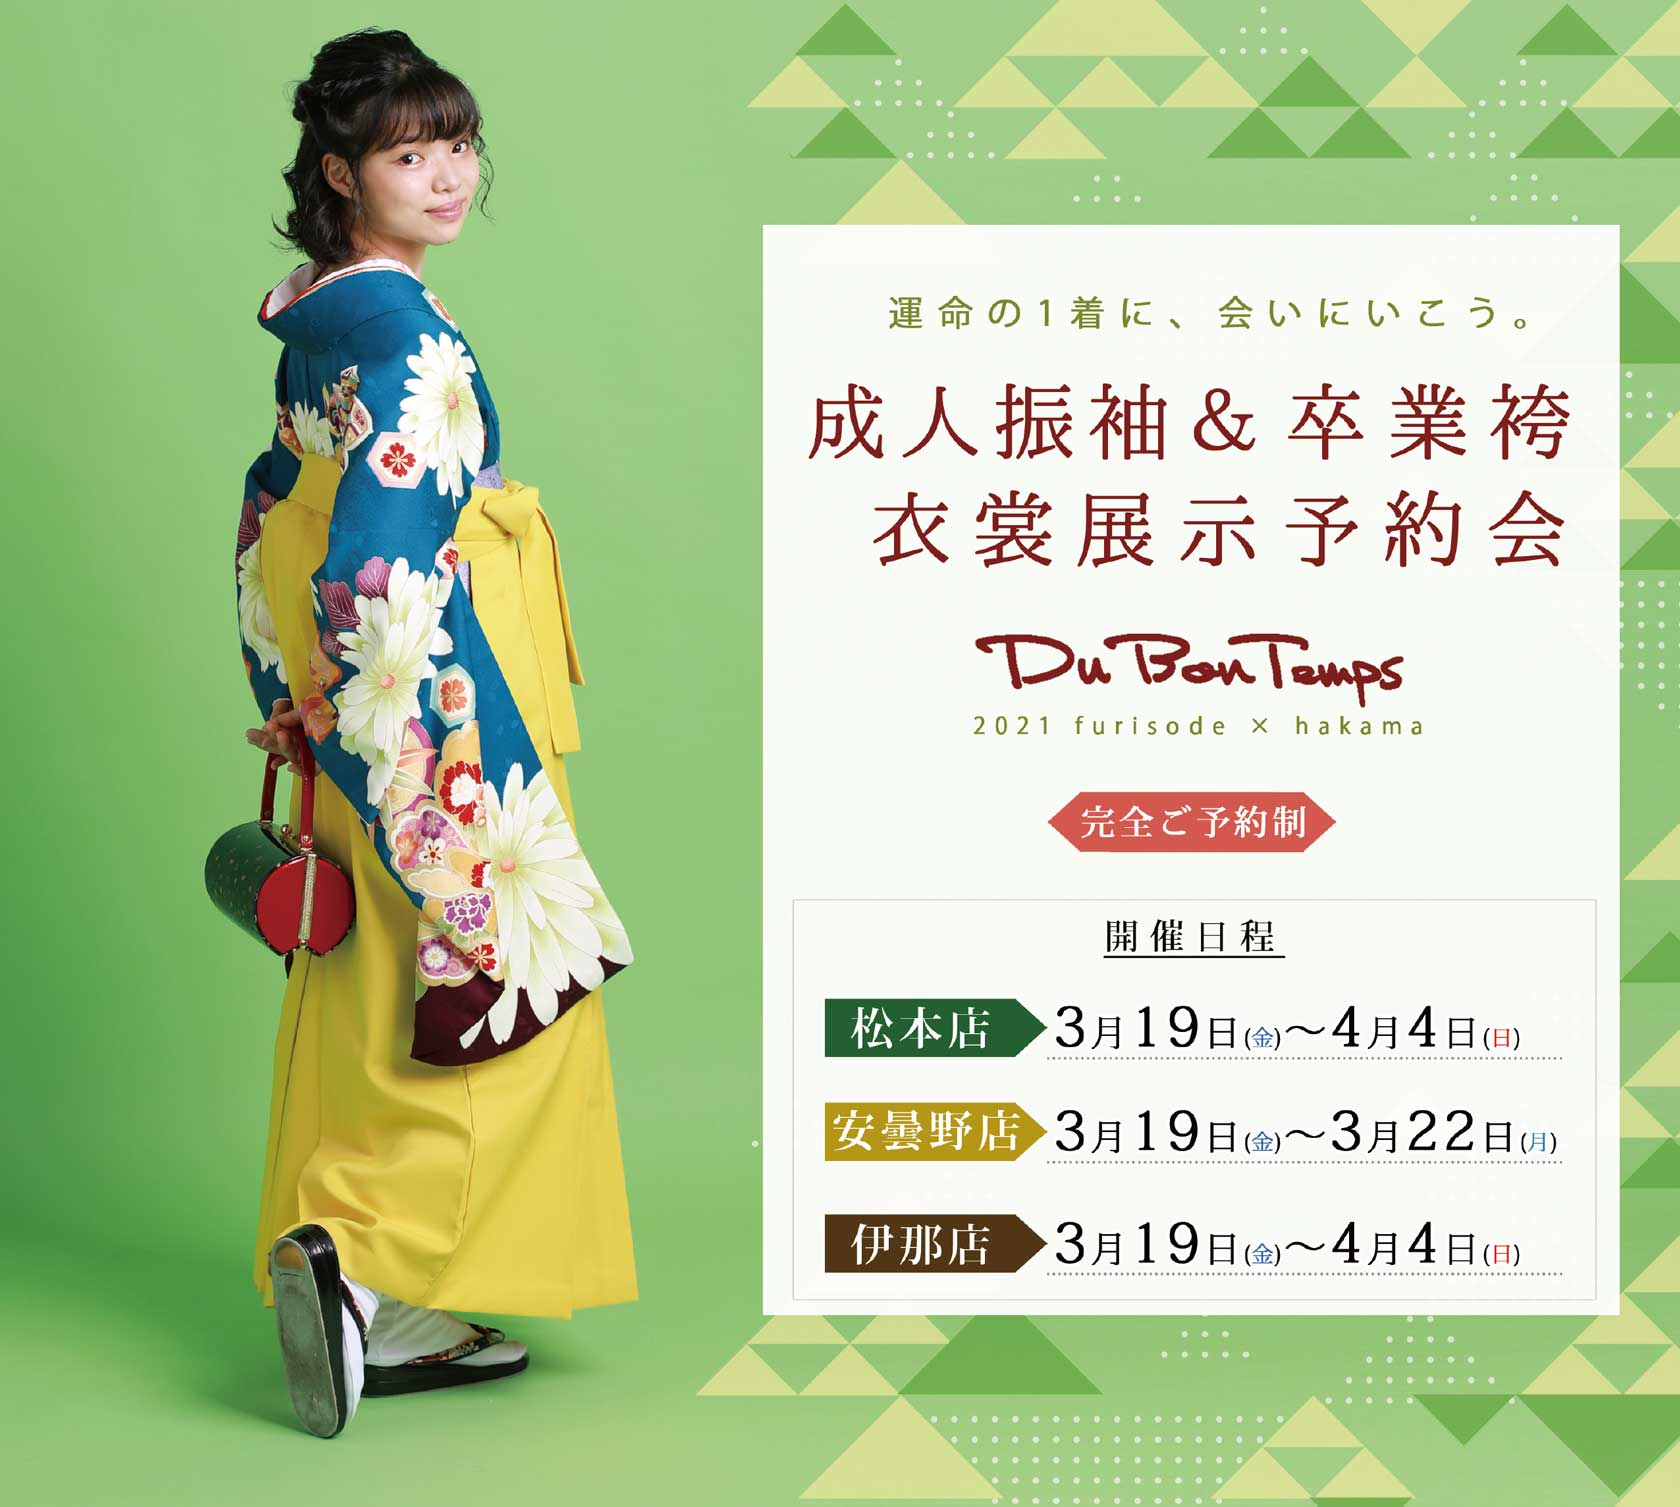 デュボンタン 成人振袖×卒業袴 衣裳展示&ご予約会 3月開催